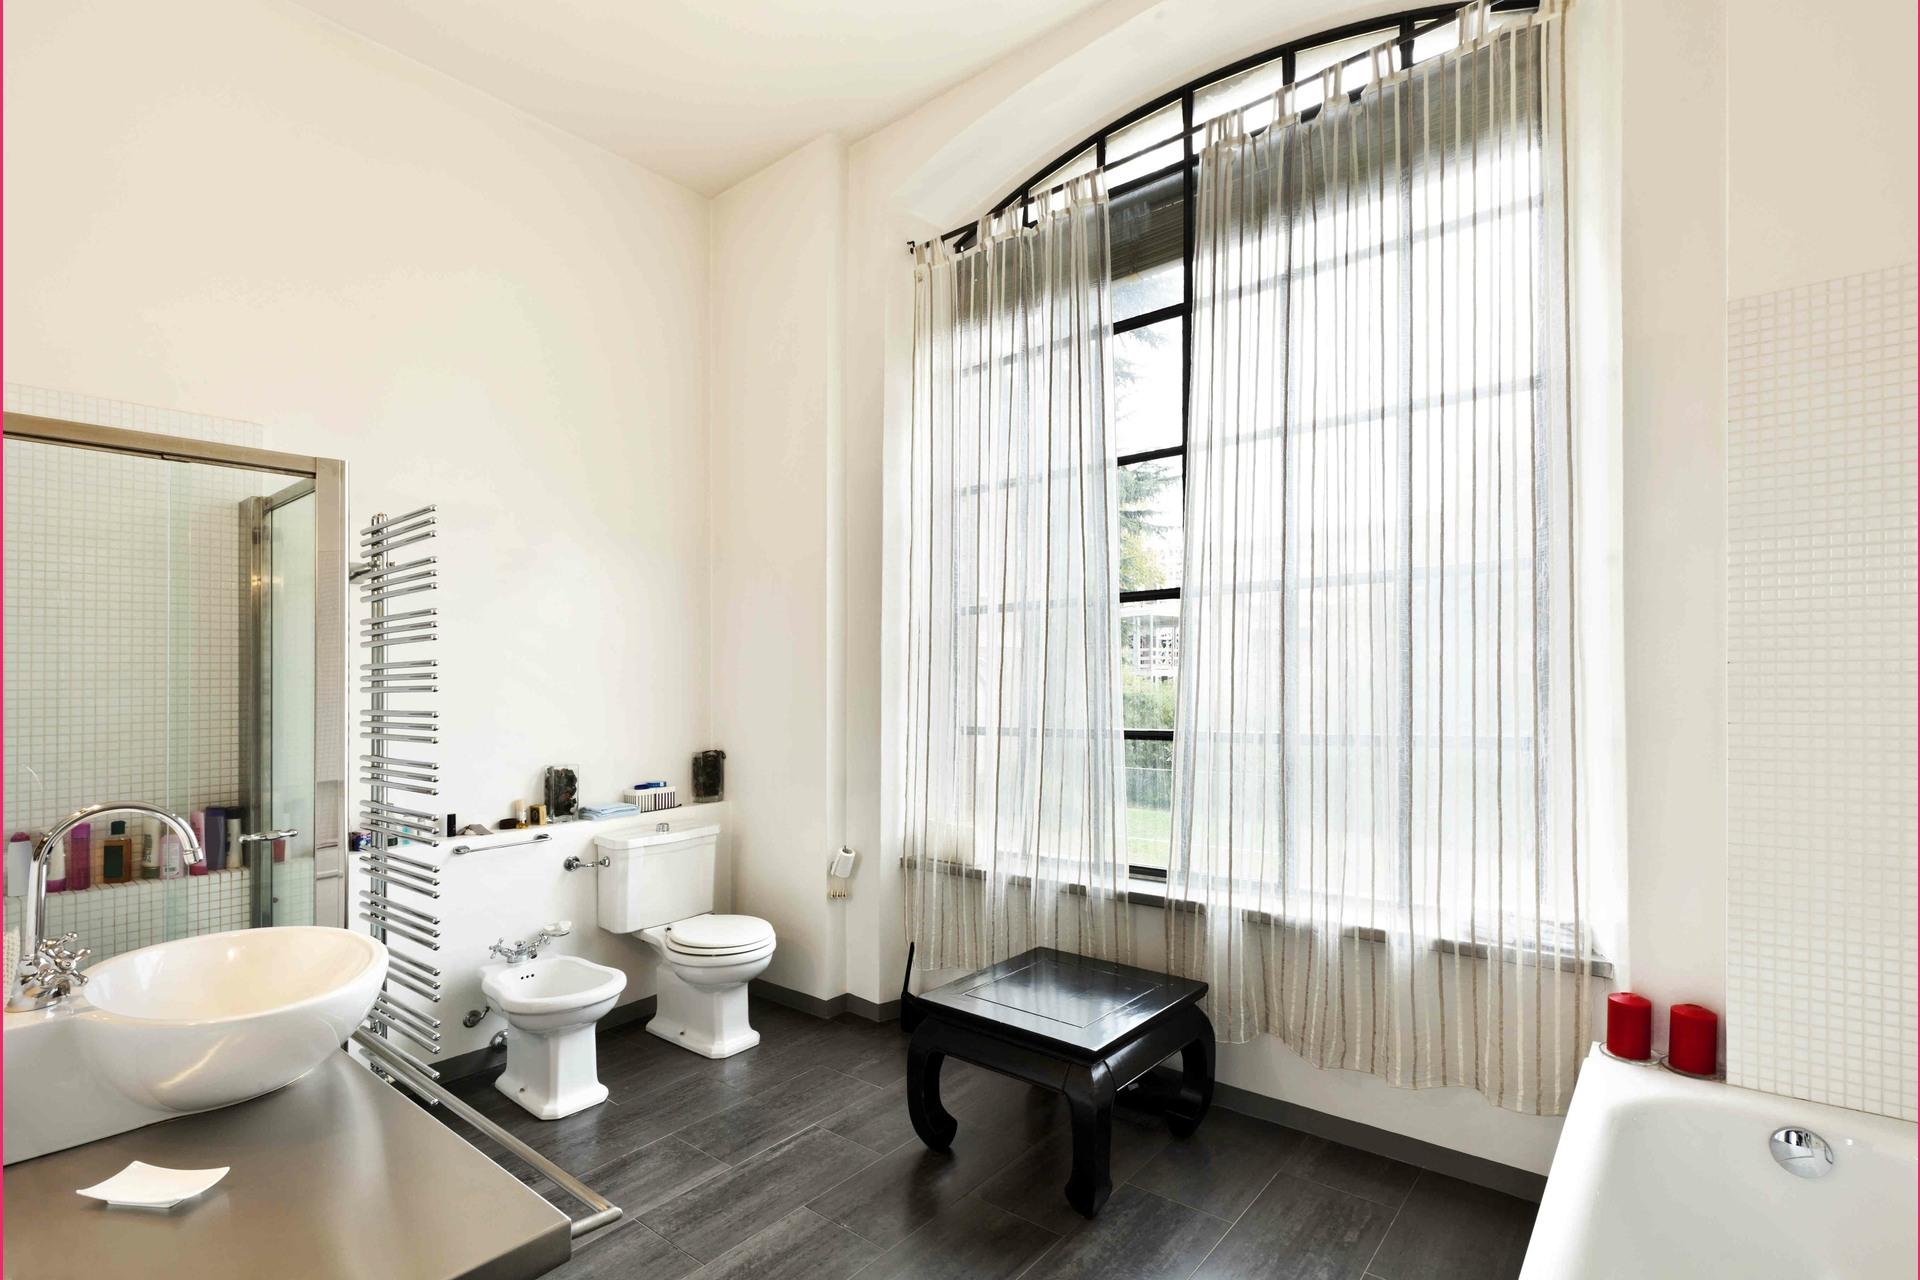 image 1 - Appartement À vendre Montréal Ville-Marie - 7 pièces